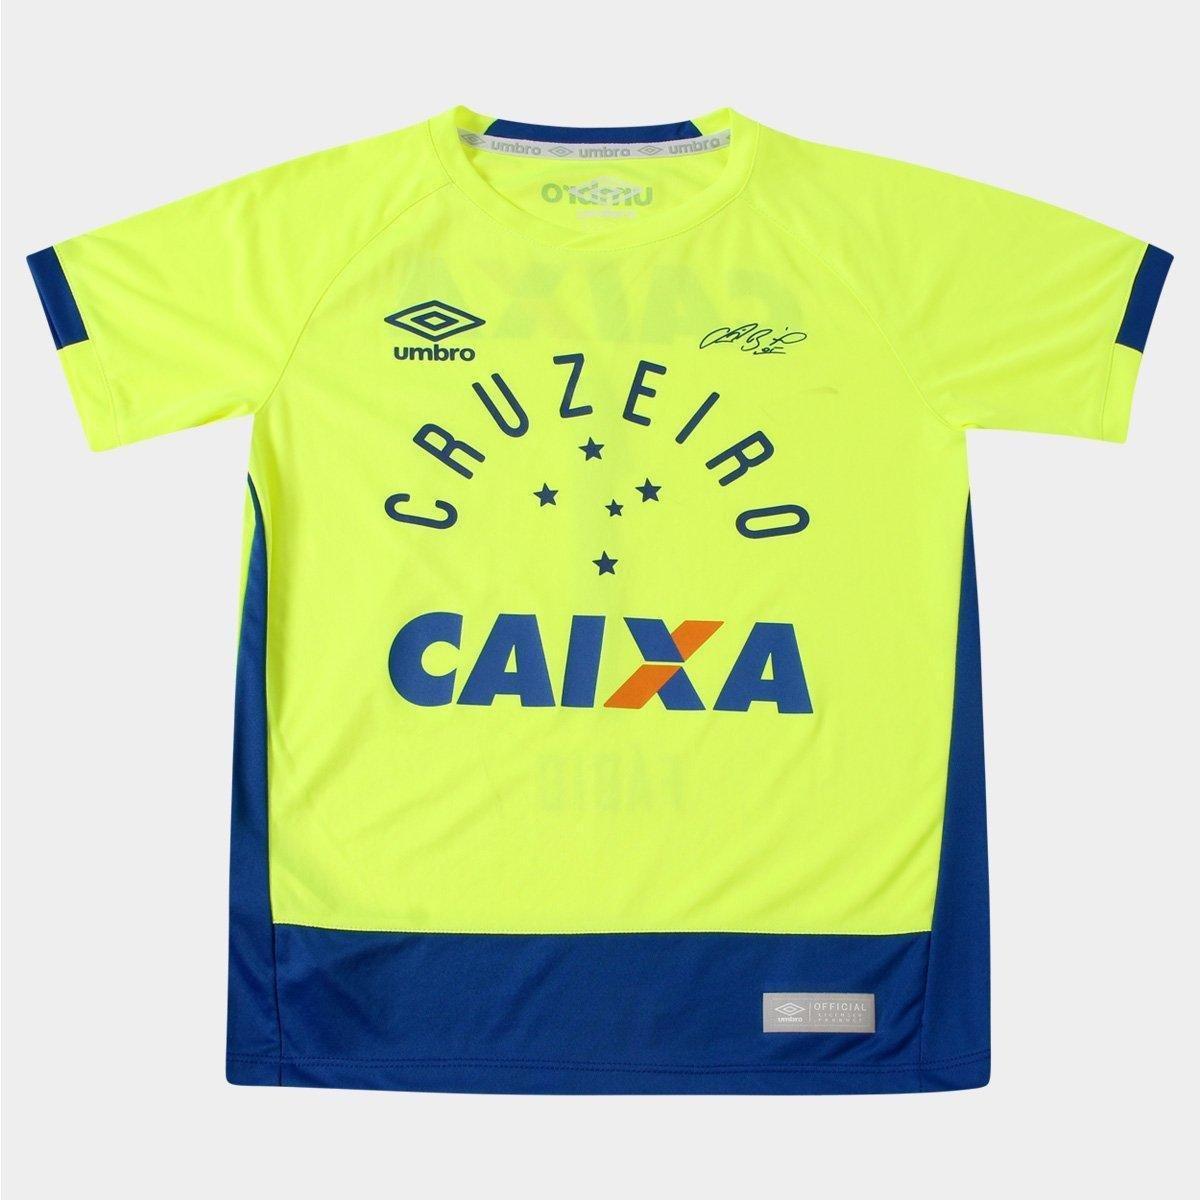 Camisa Umbro Cruzeiro Goleiro 2016 nº 1 - Fábio - Infantil - Compre Agora  2c6e89bb9b182